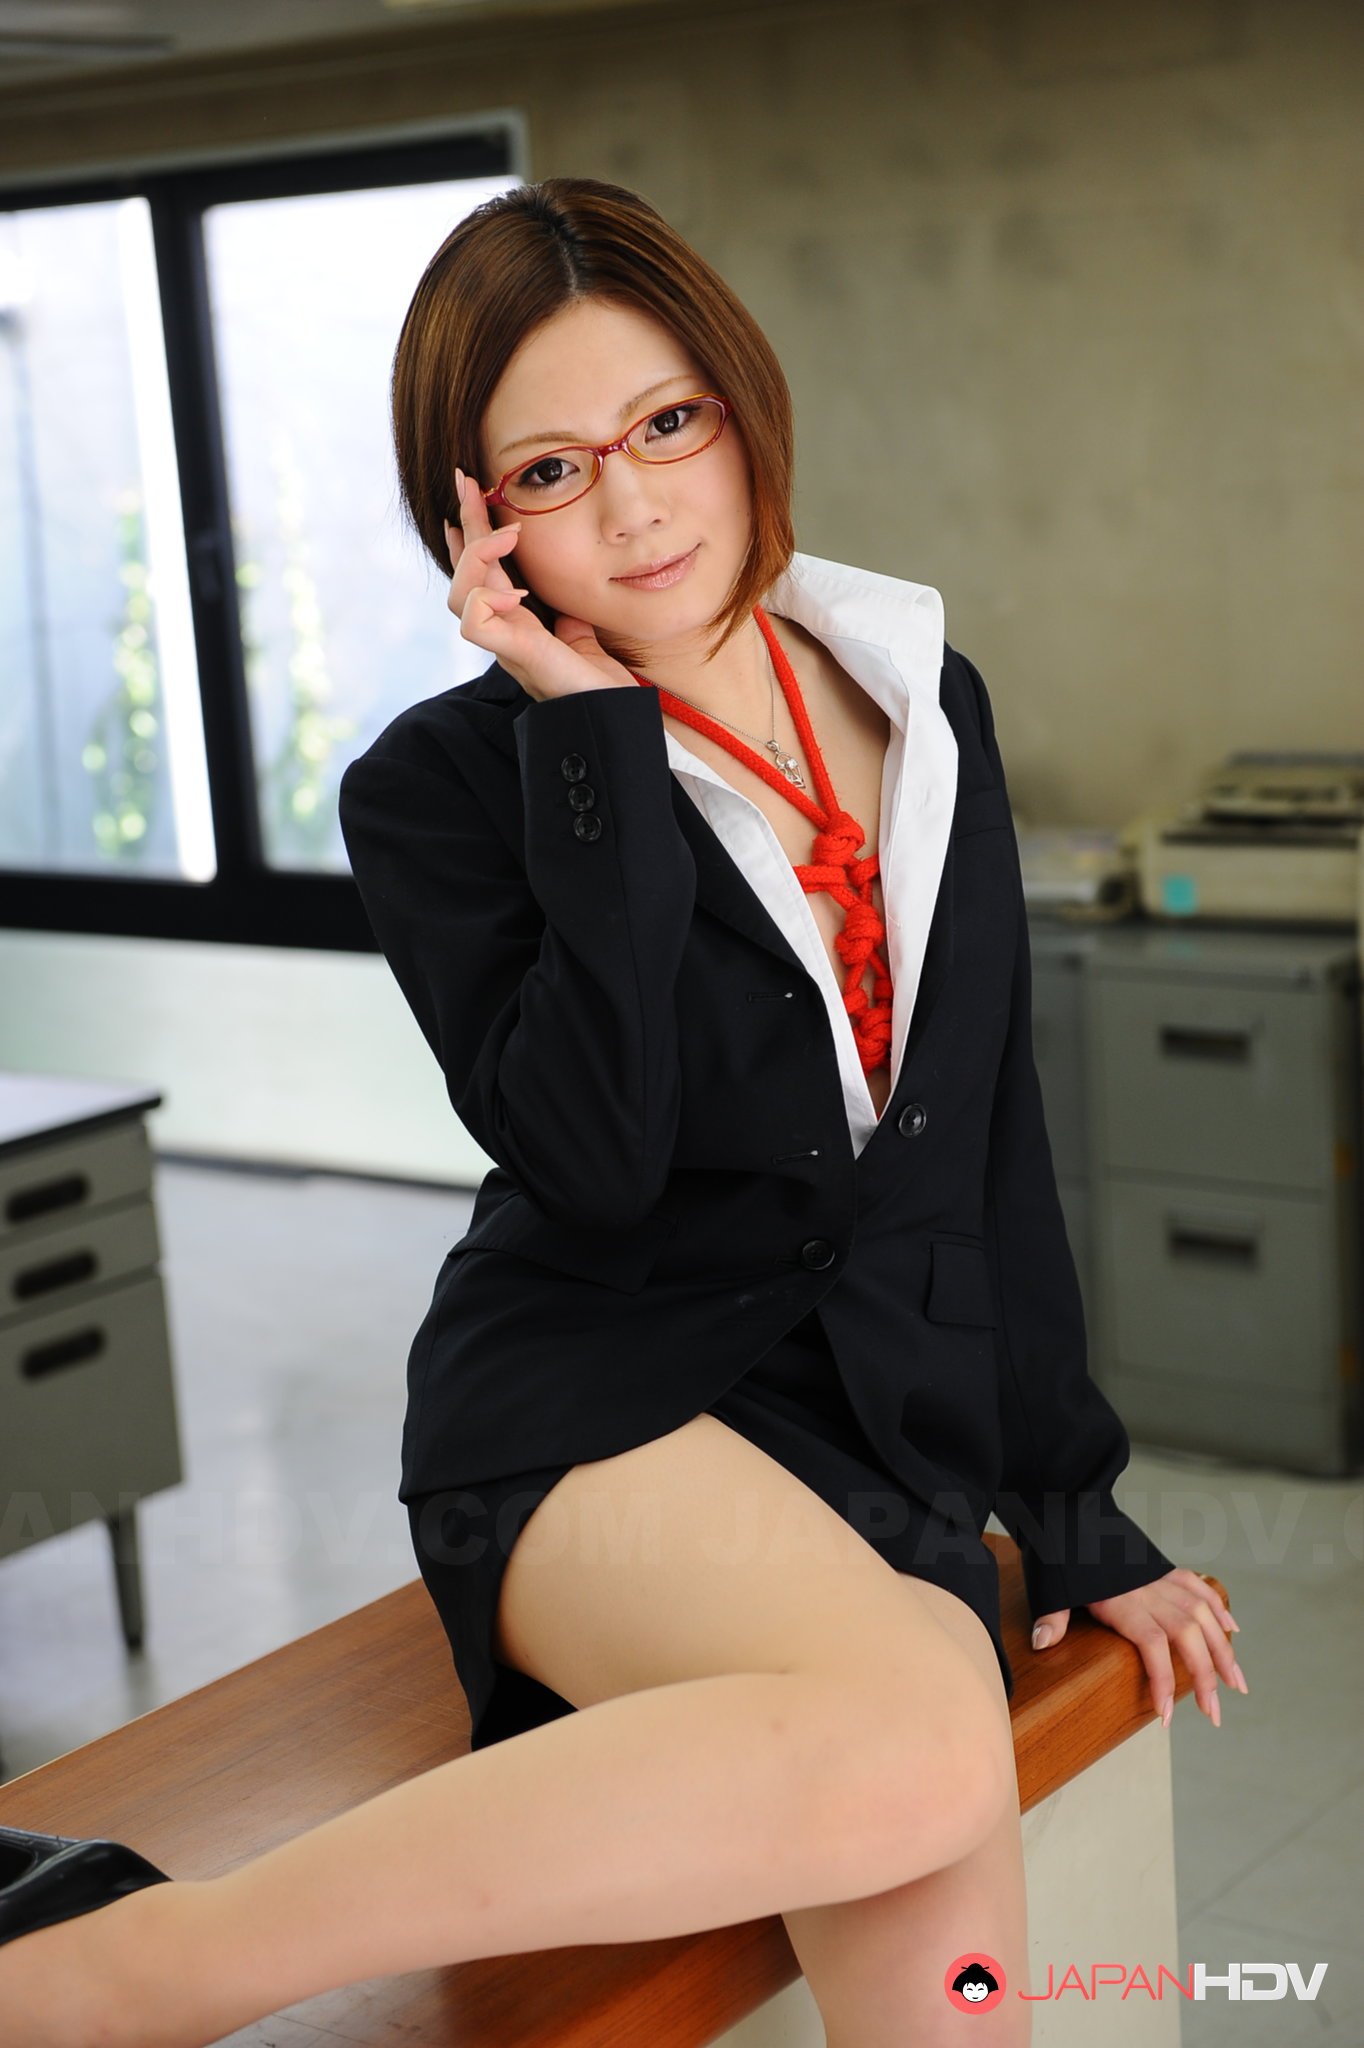 Erotic japanese girl iroha - 1 part 1